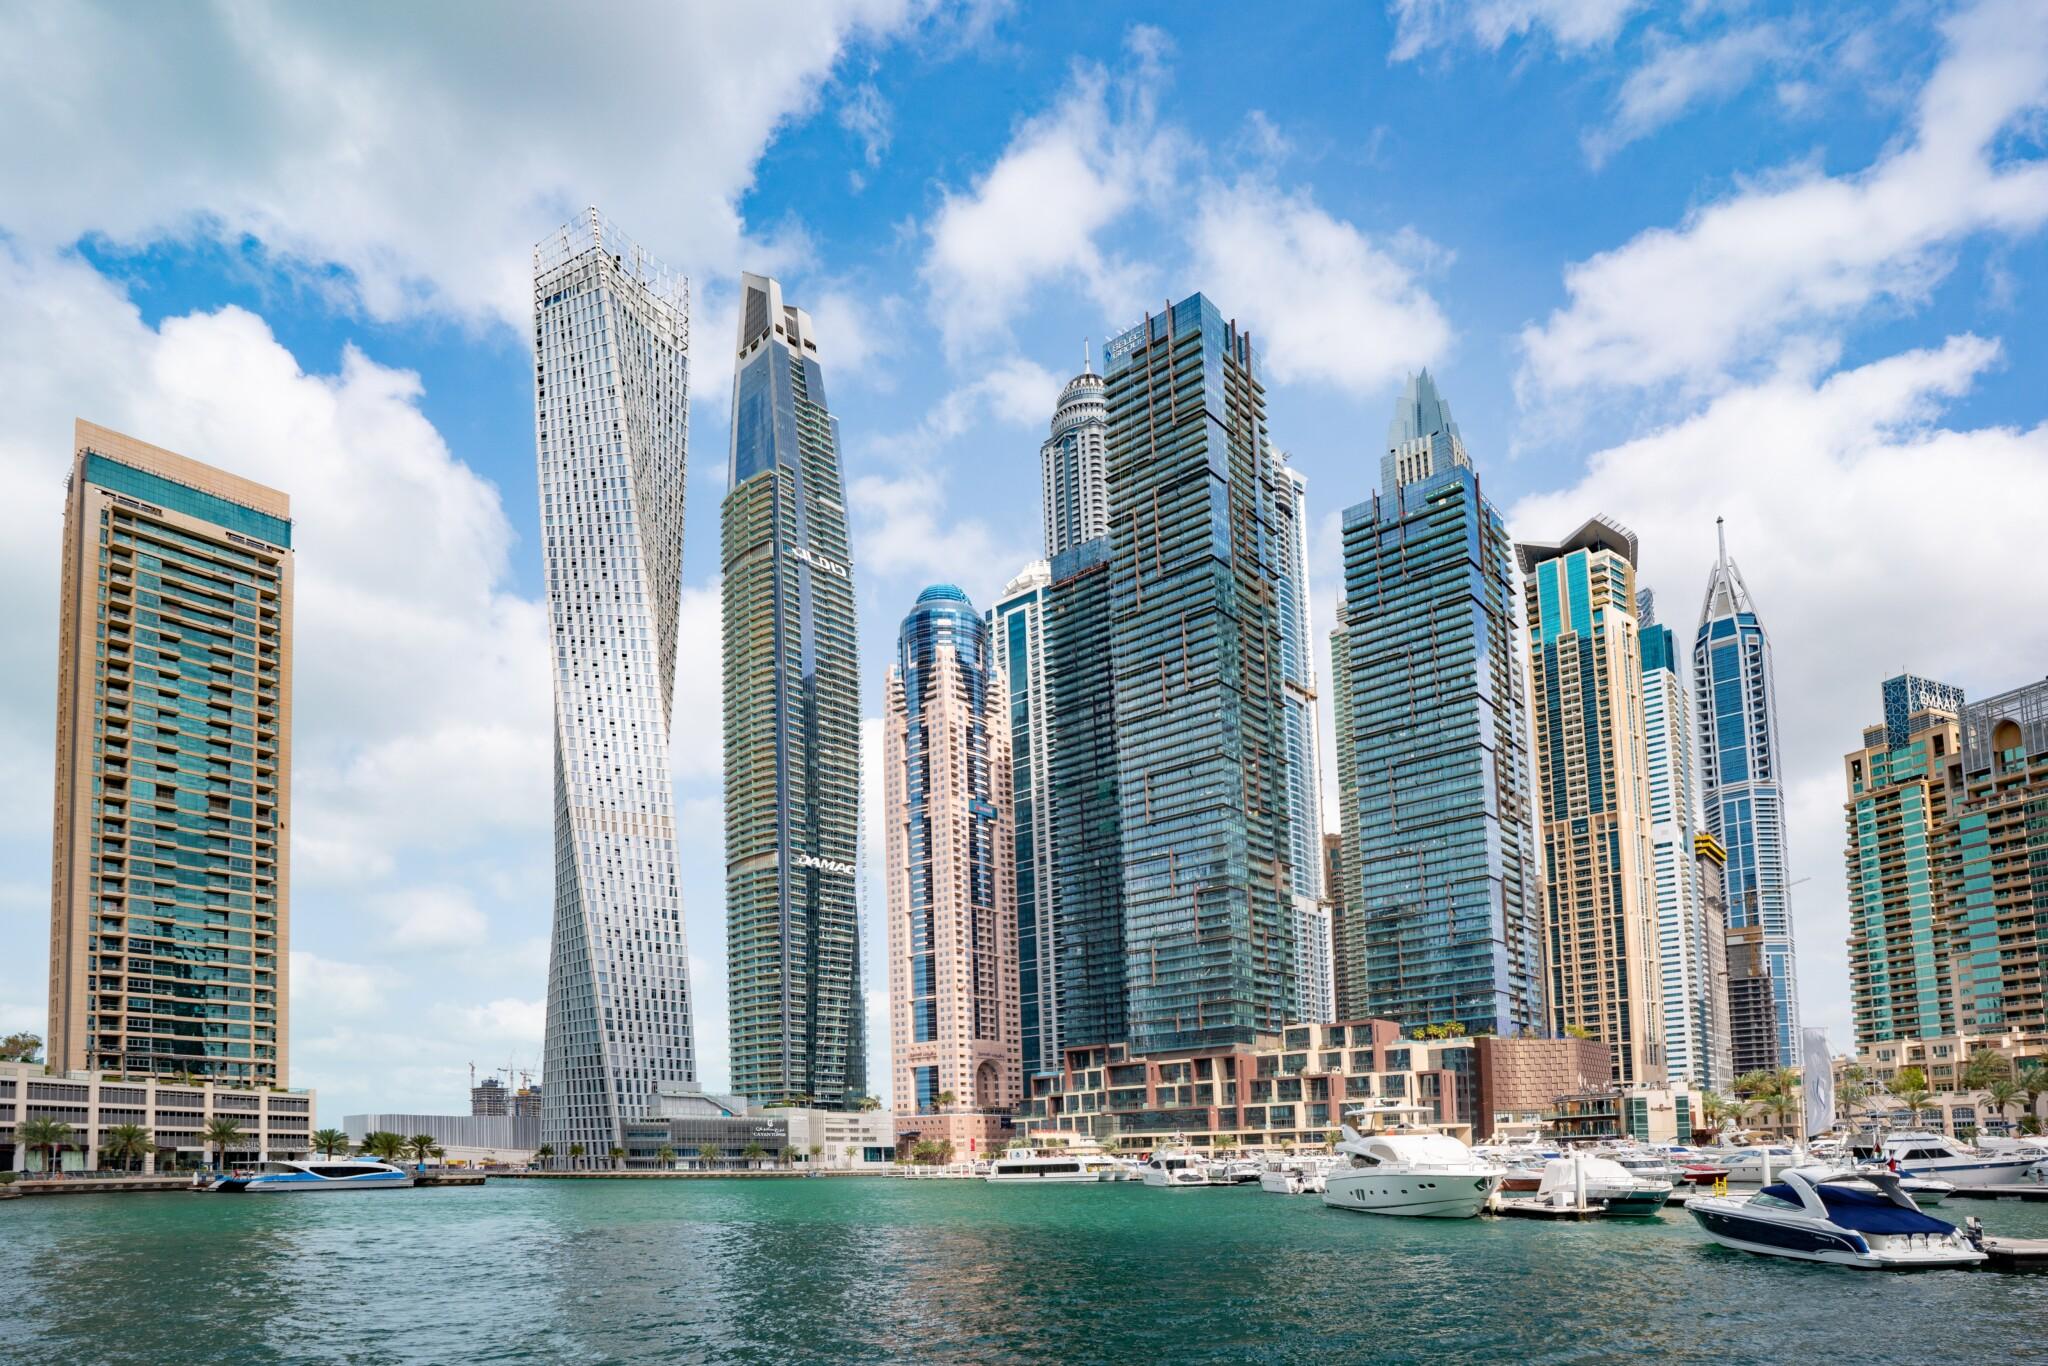 Immobilieninvestitionen im In- und Ausland: Asset Management Survey 2021